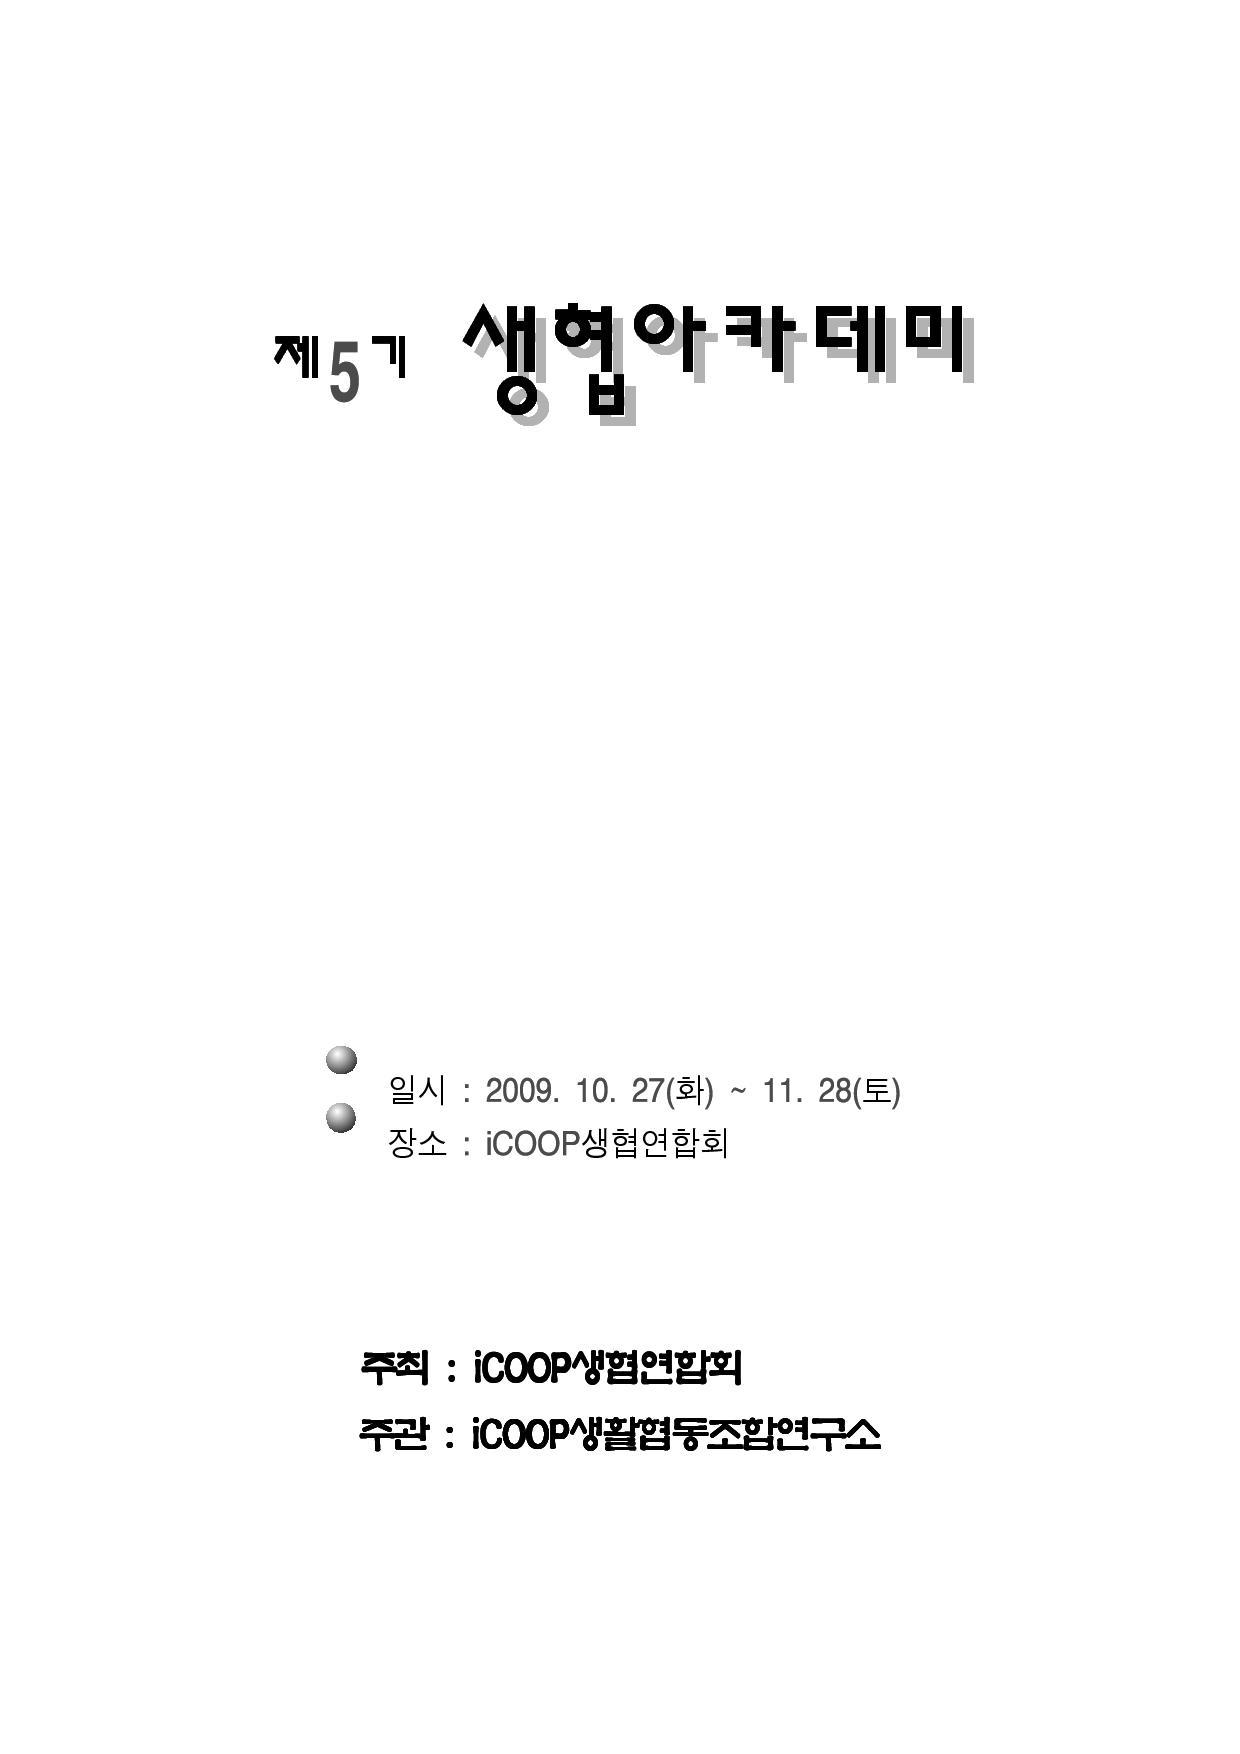 33_『제5기 생협아카데미 자료집』1.jpg